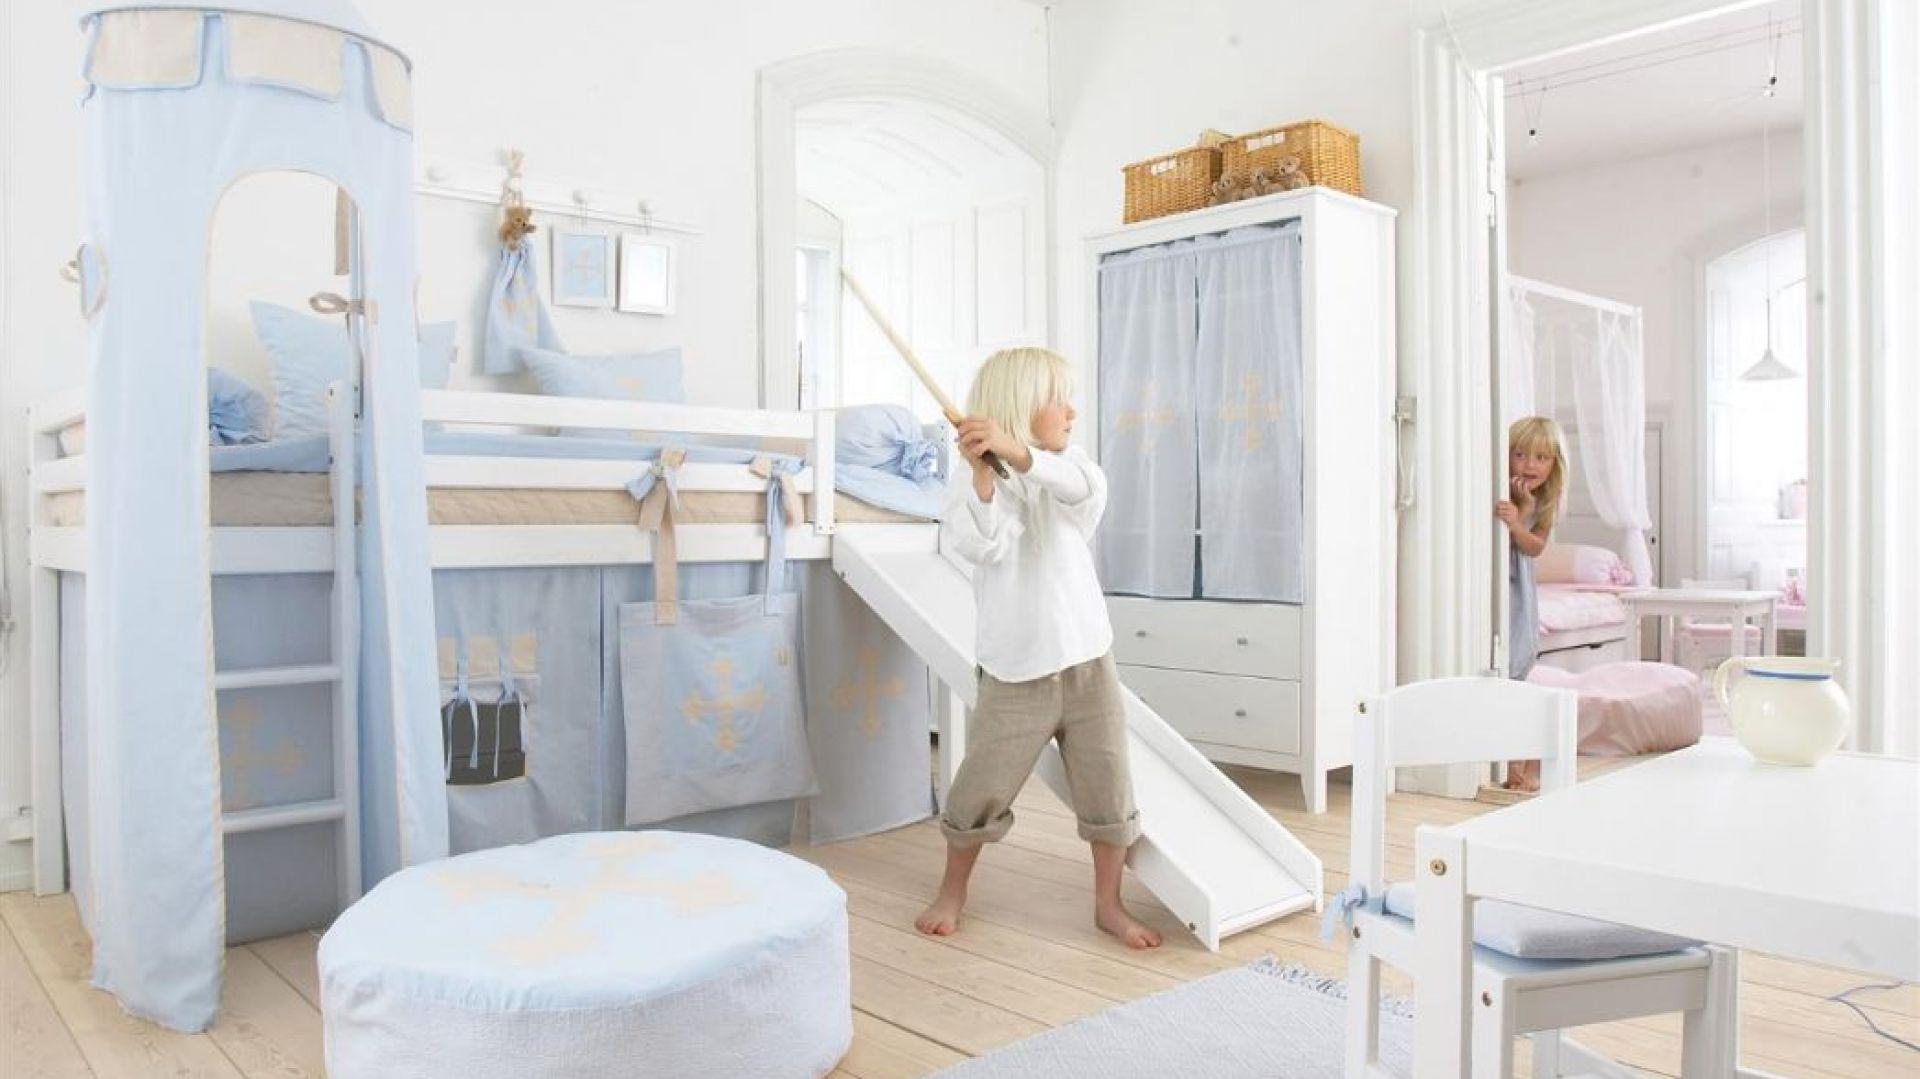 Specjalne pokrowce na stelaż łóżka sprawią, że mebel nabierze zupełnie nowego wyrazu. Kiedy dziecko dorośnie i znudzi się zabawą w domek, tkaninę można zdjąć i pozostawić łóżko w formie klasycznej. Fot. Seart